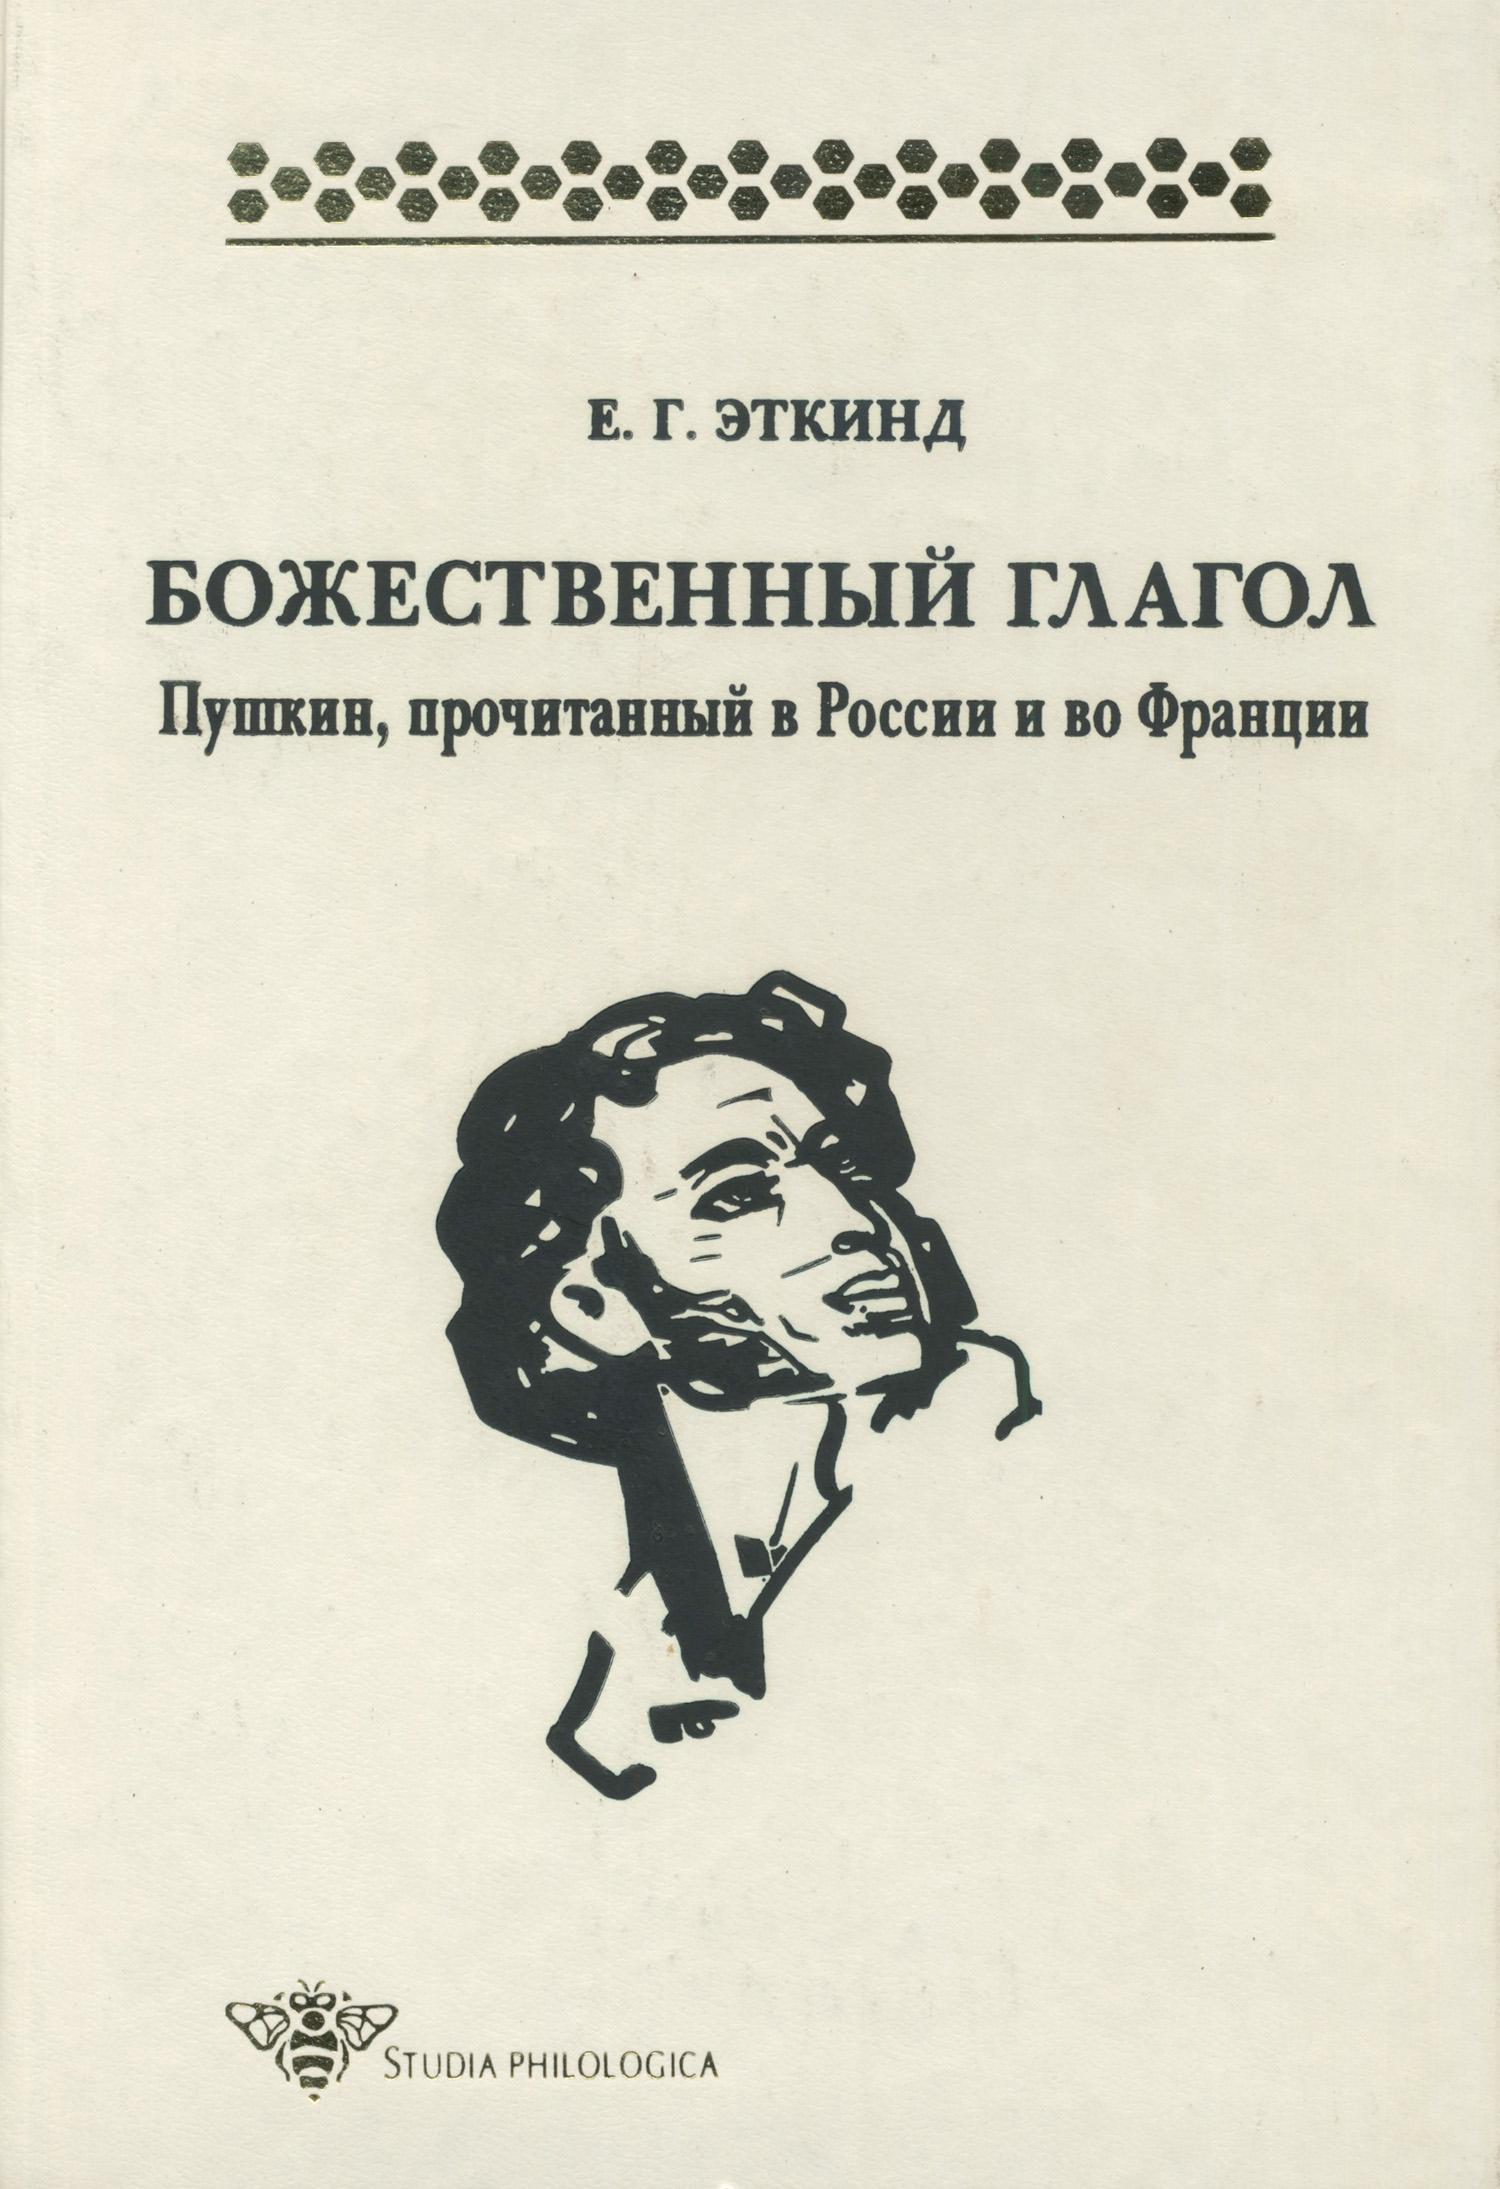 Е. Г. Эткинд Божественный глагол. Пушкин, прочитанный в России и во Франции е г эткинд божественный глагол пушкин прочитанный в россии и во франции isbn 5 7859 0090 4